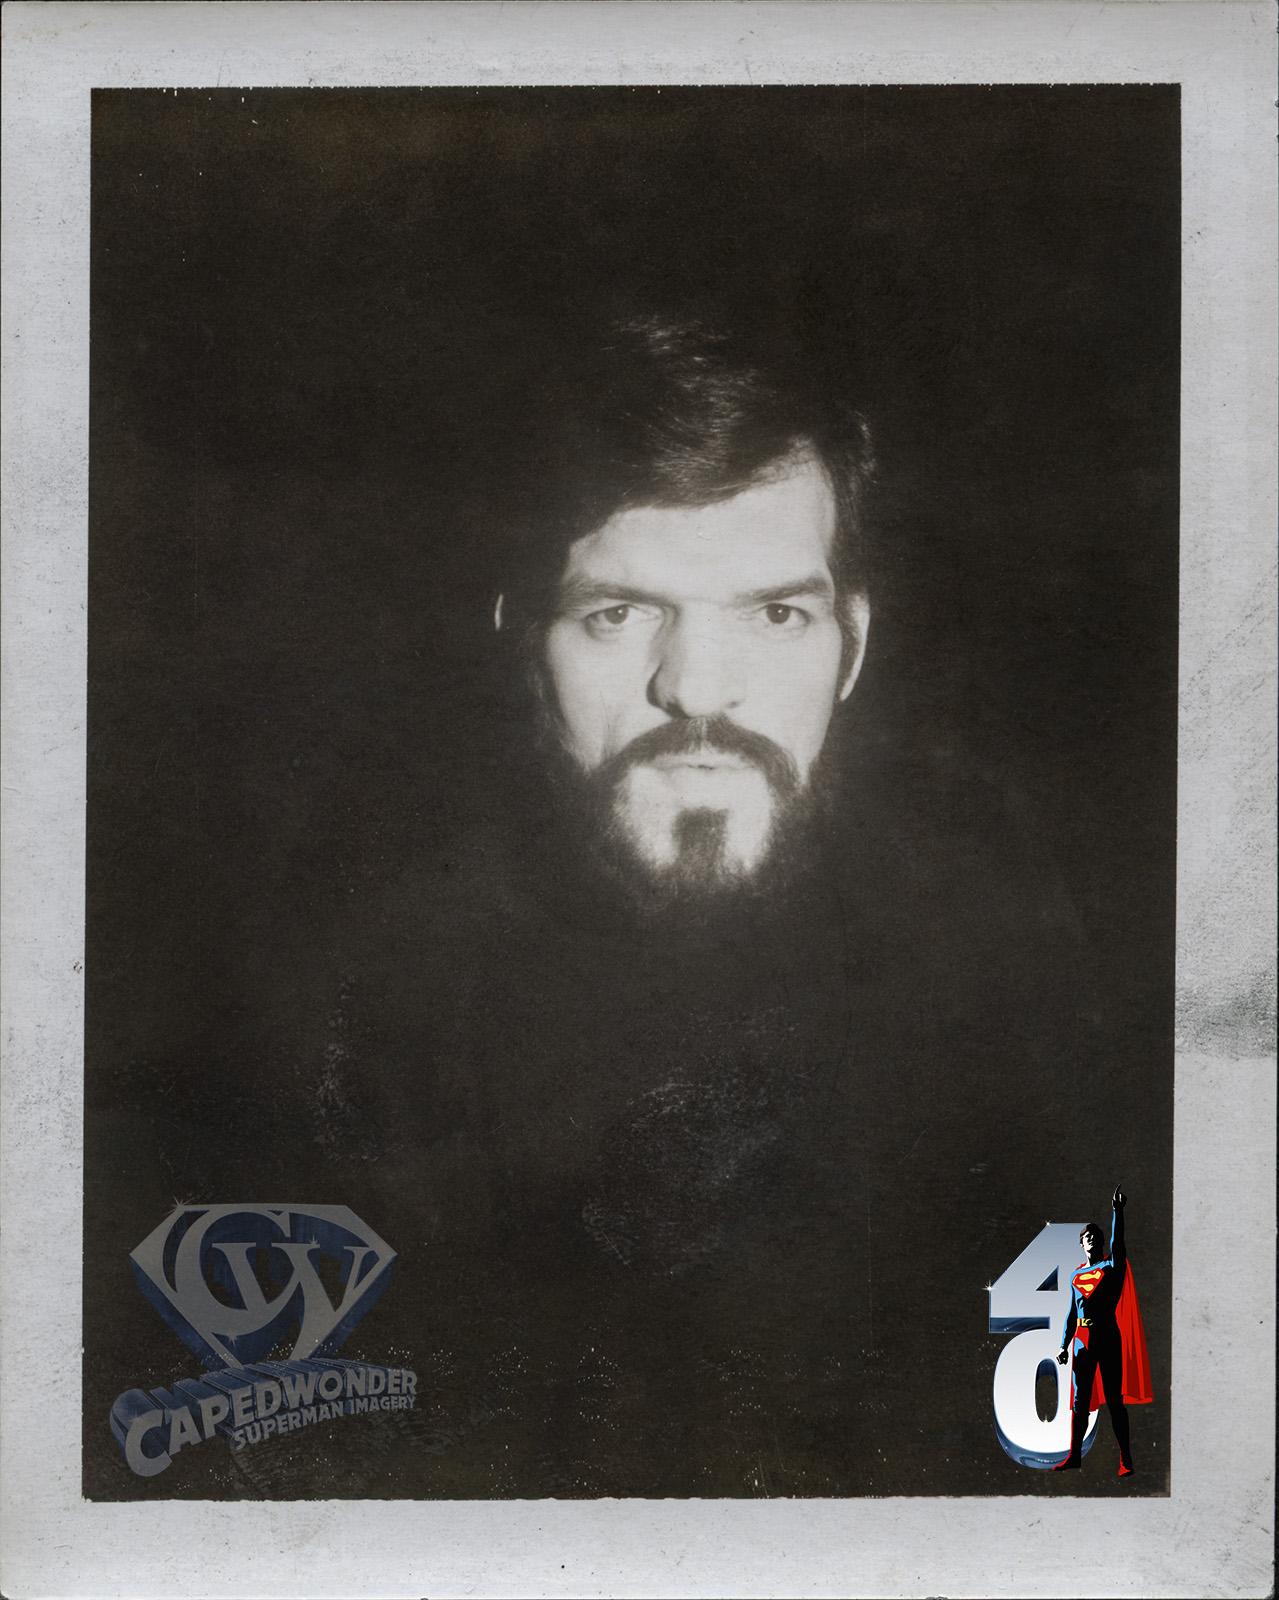 CW-STM-OHalloran-Polaroid-black